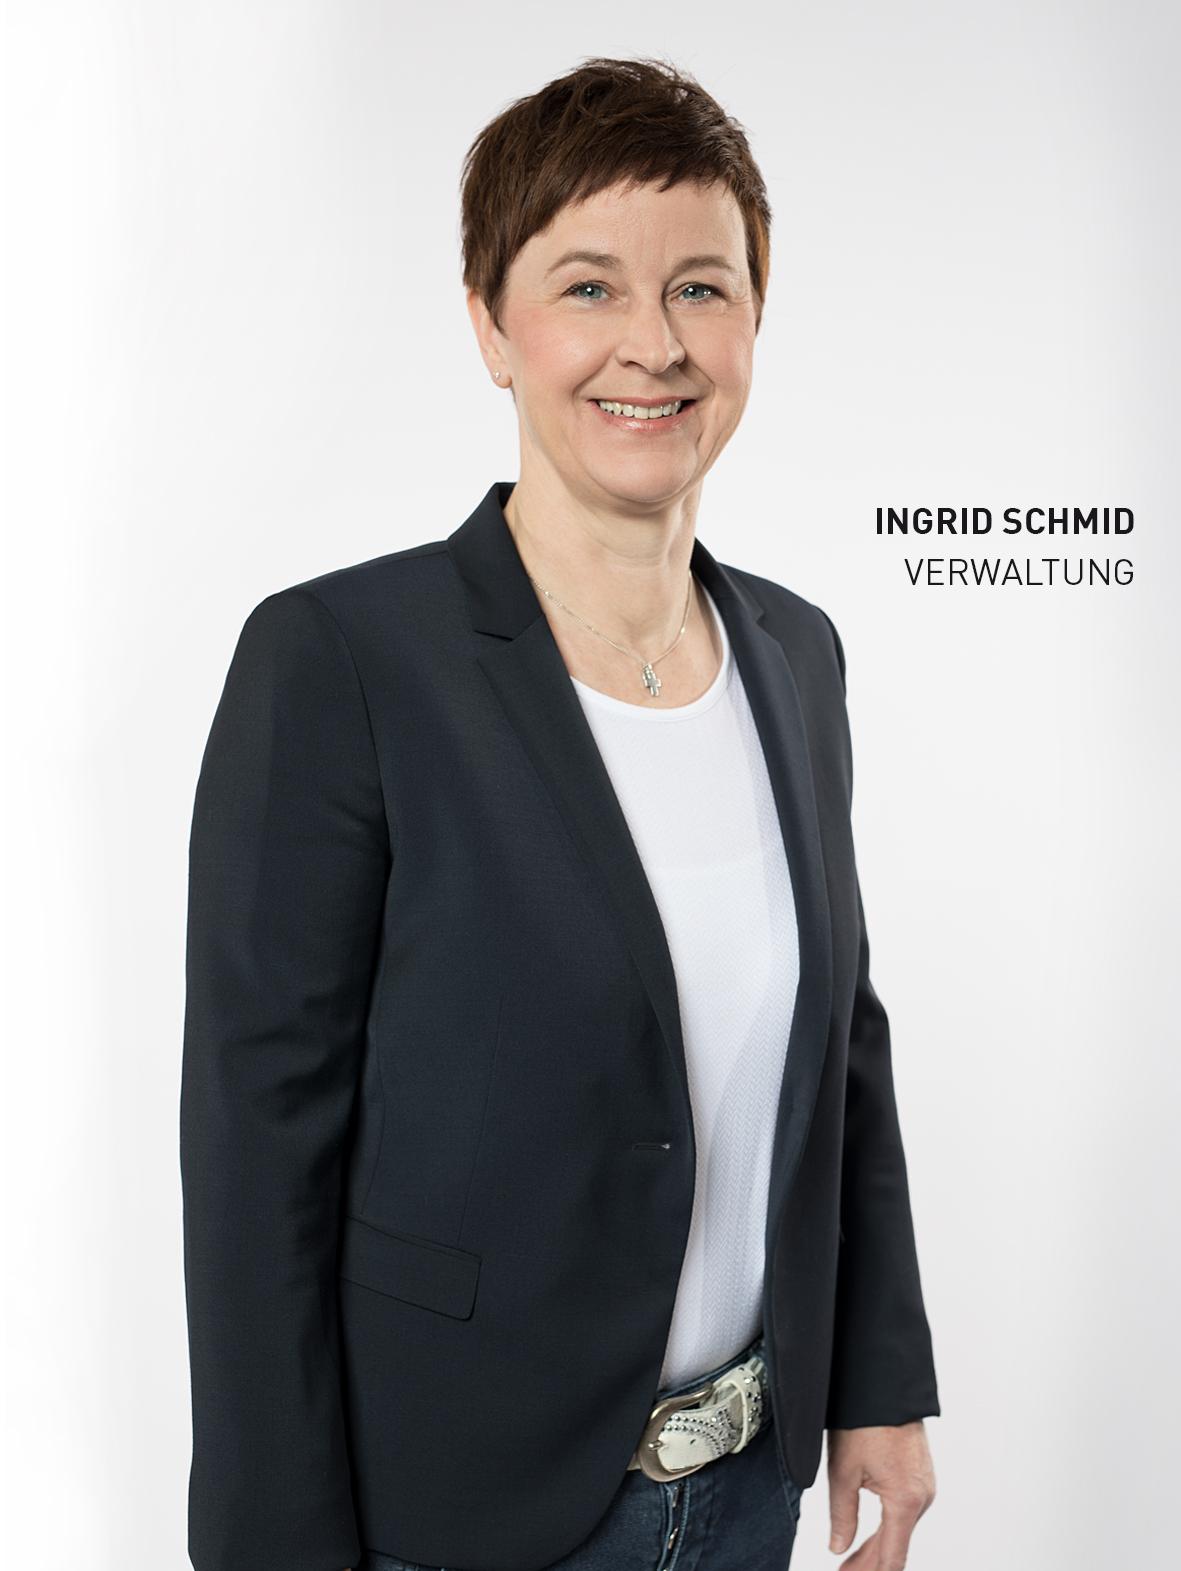 Ingrid_Schmid